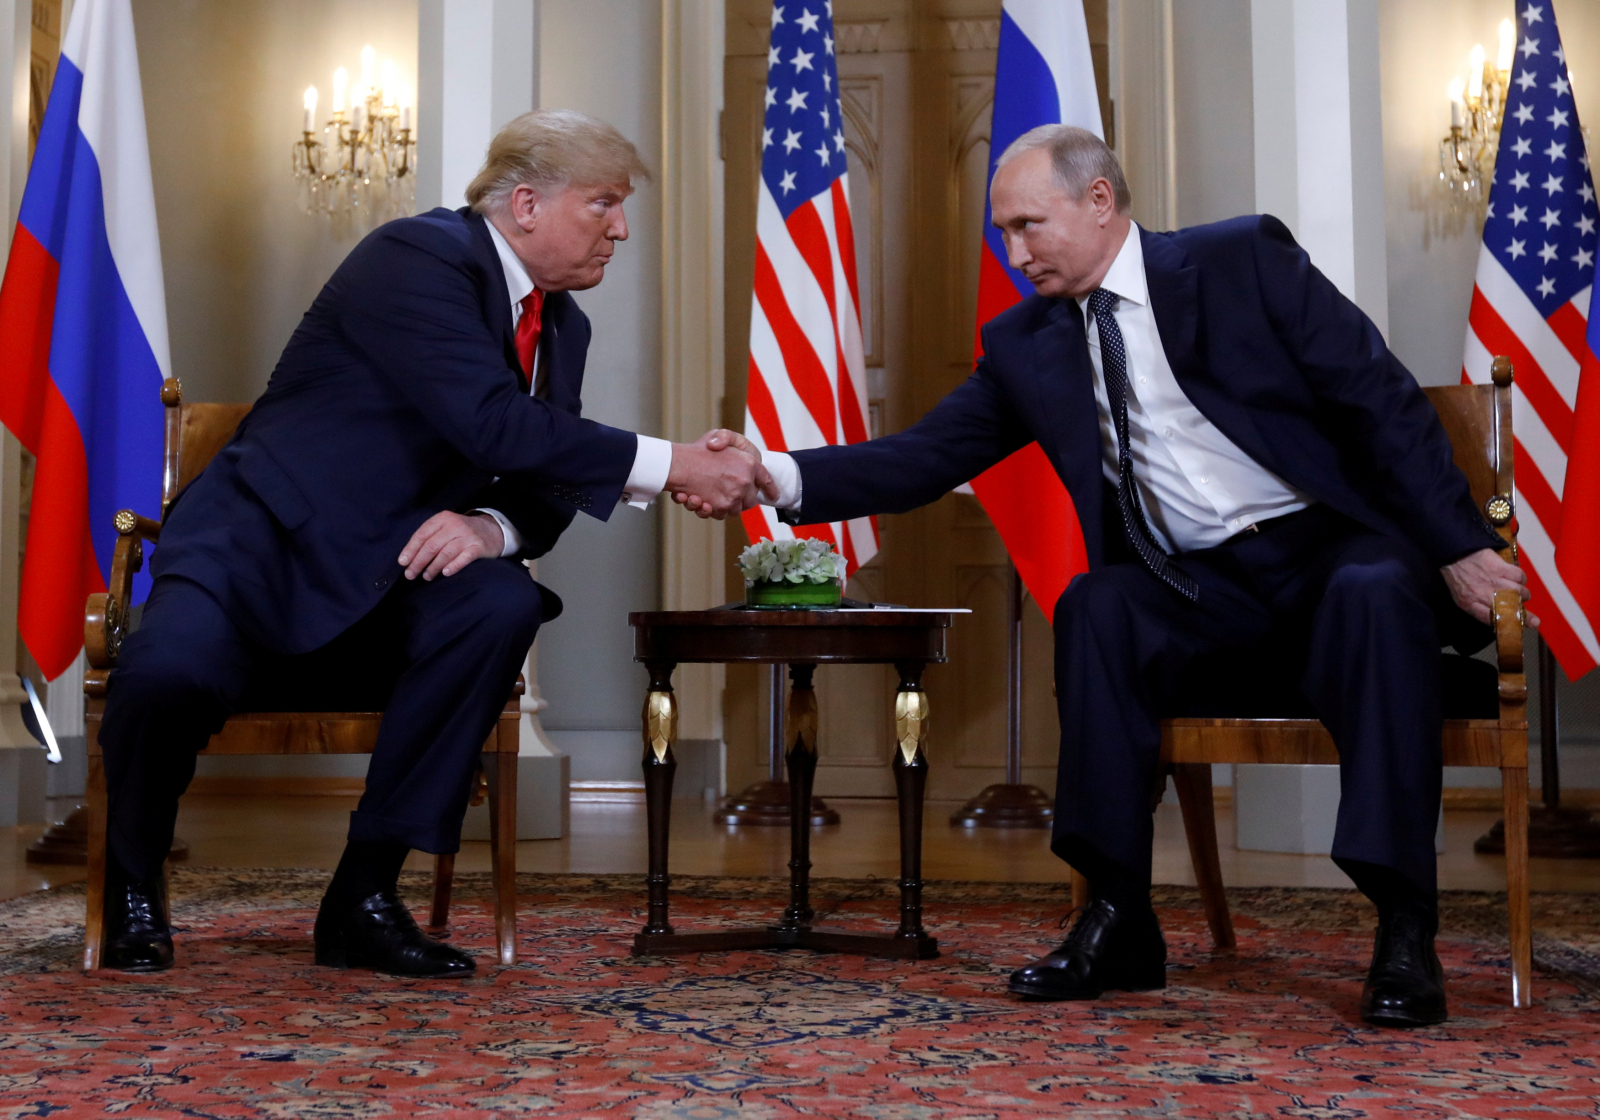 Trump meets Putin at Helsinki